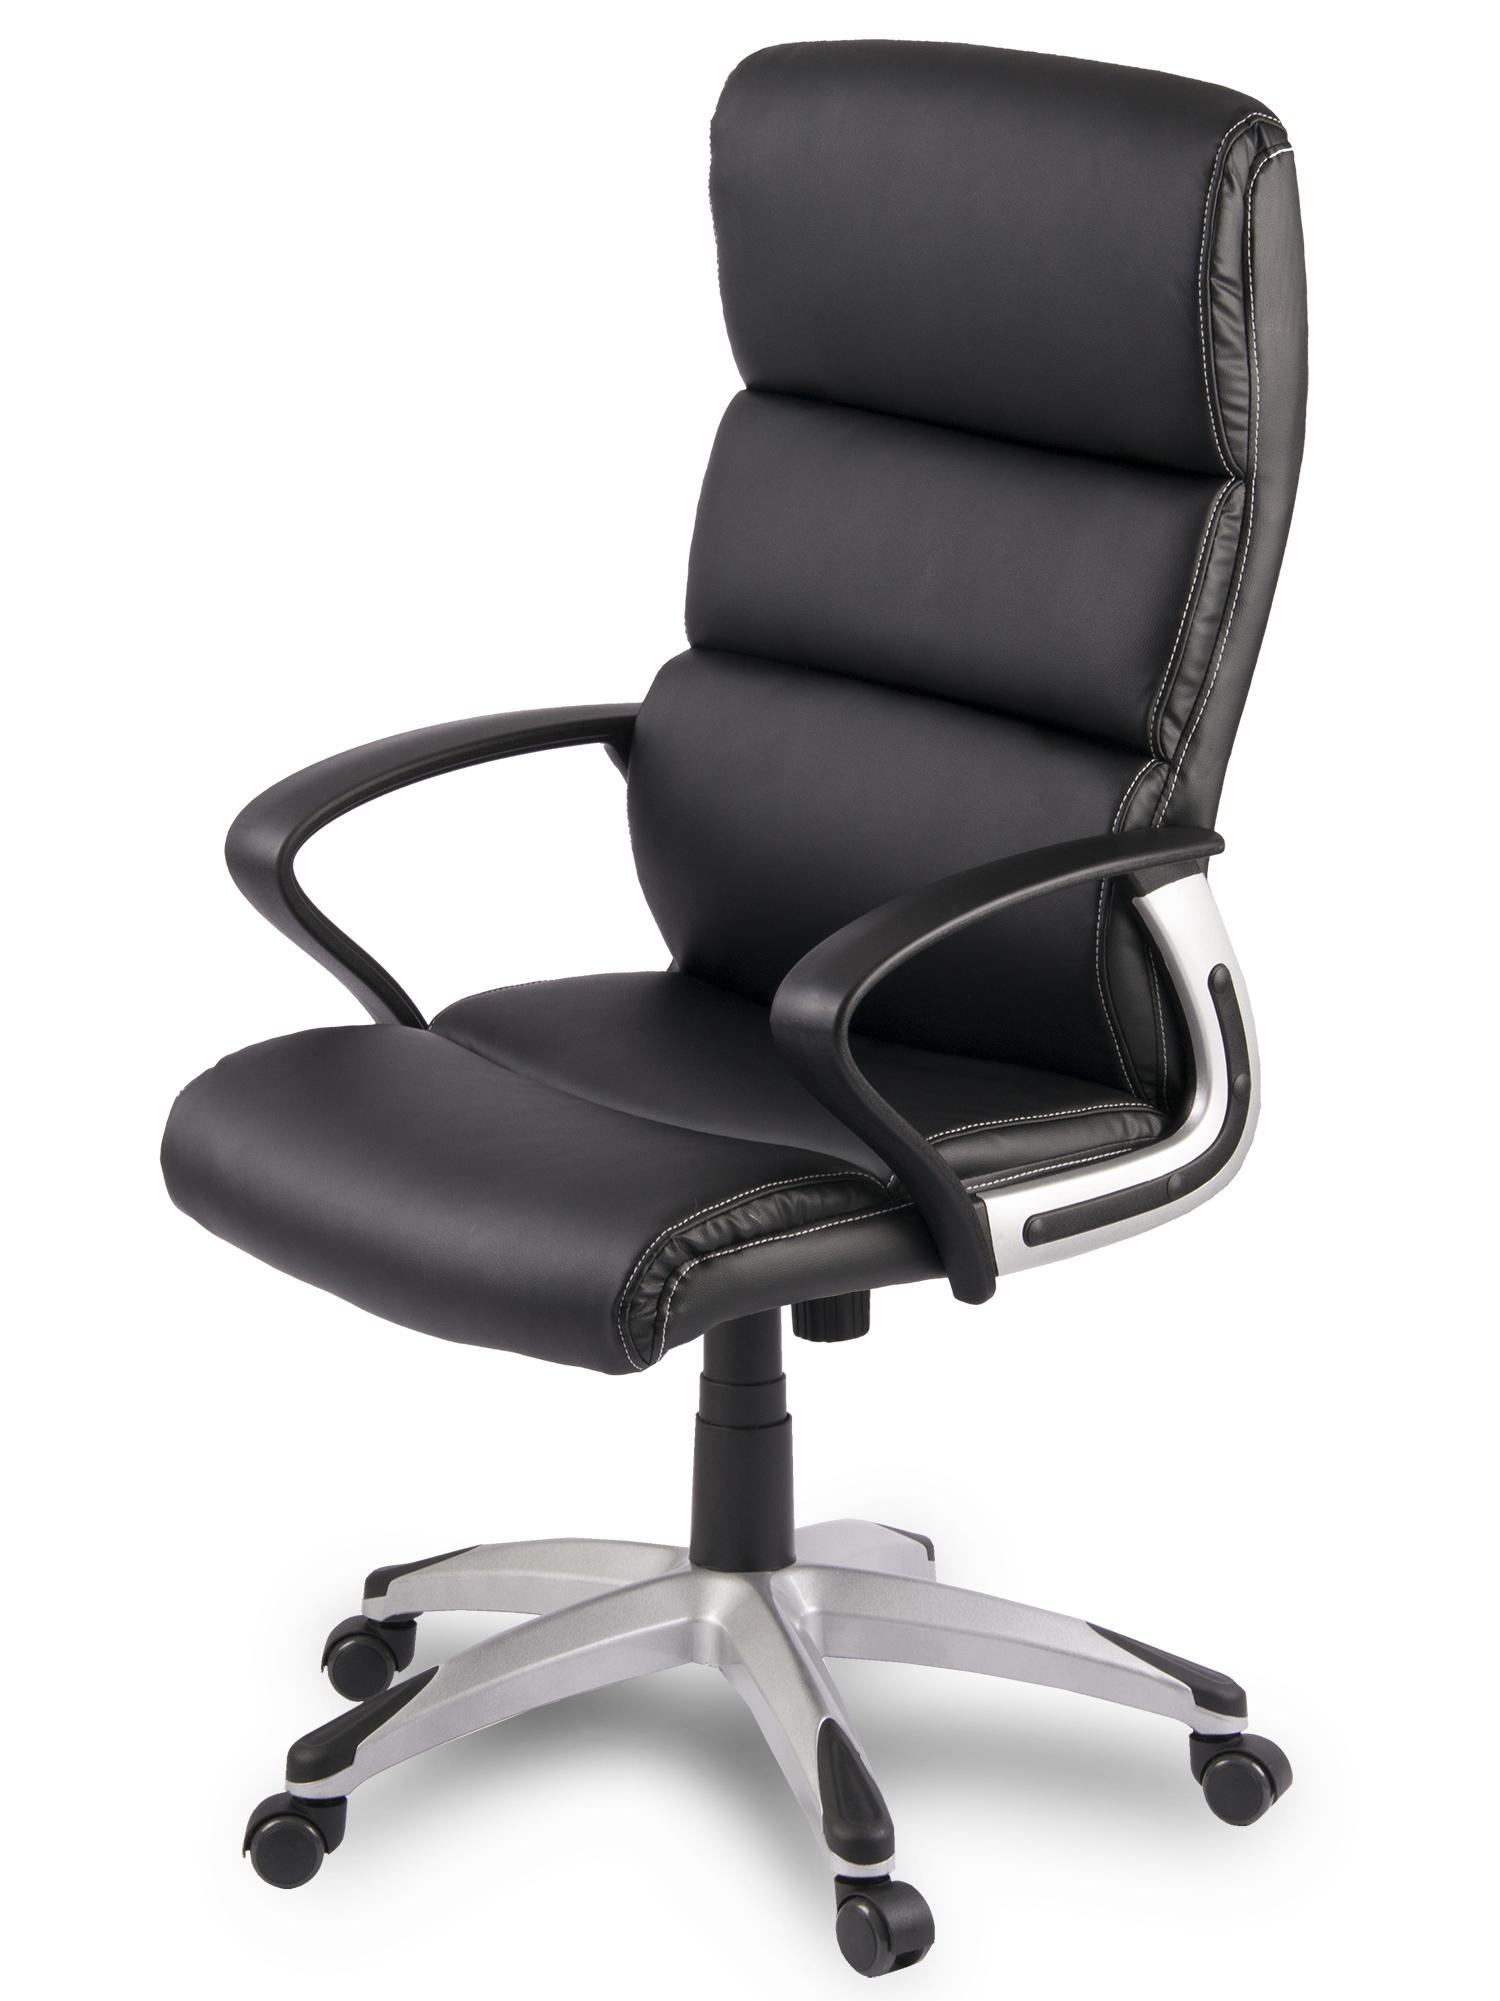 Fotel biurowy, stylowe krzesło obrotowe do biura sofotel.pl